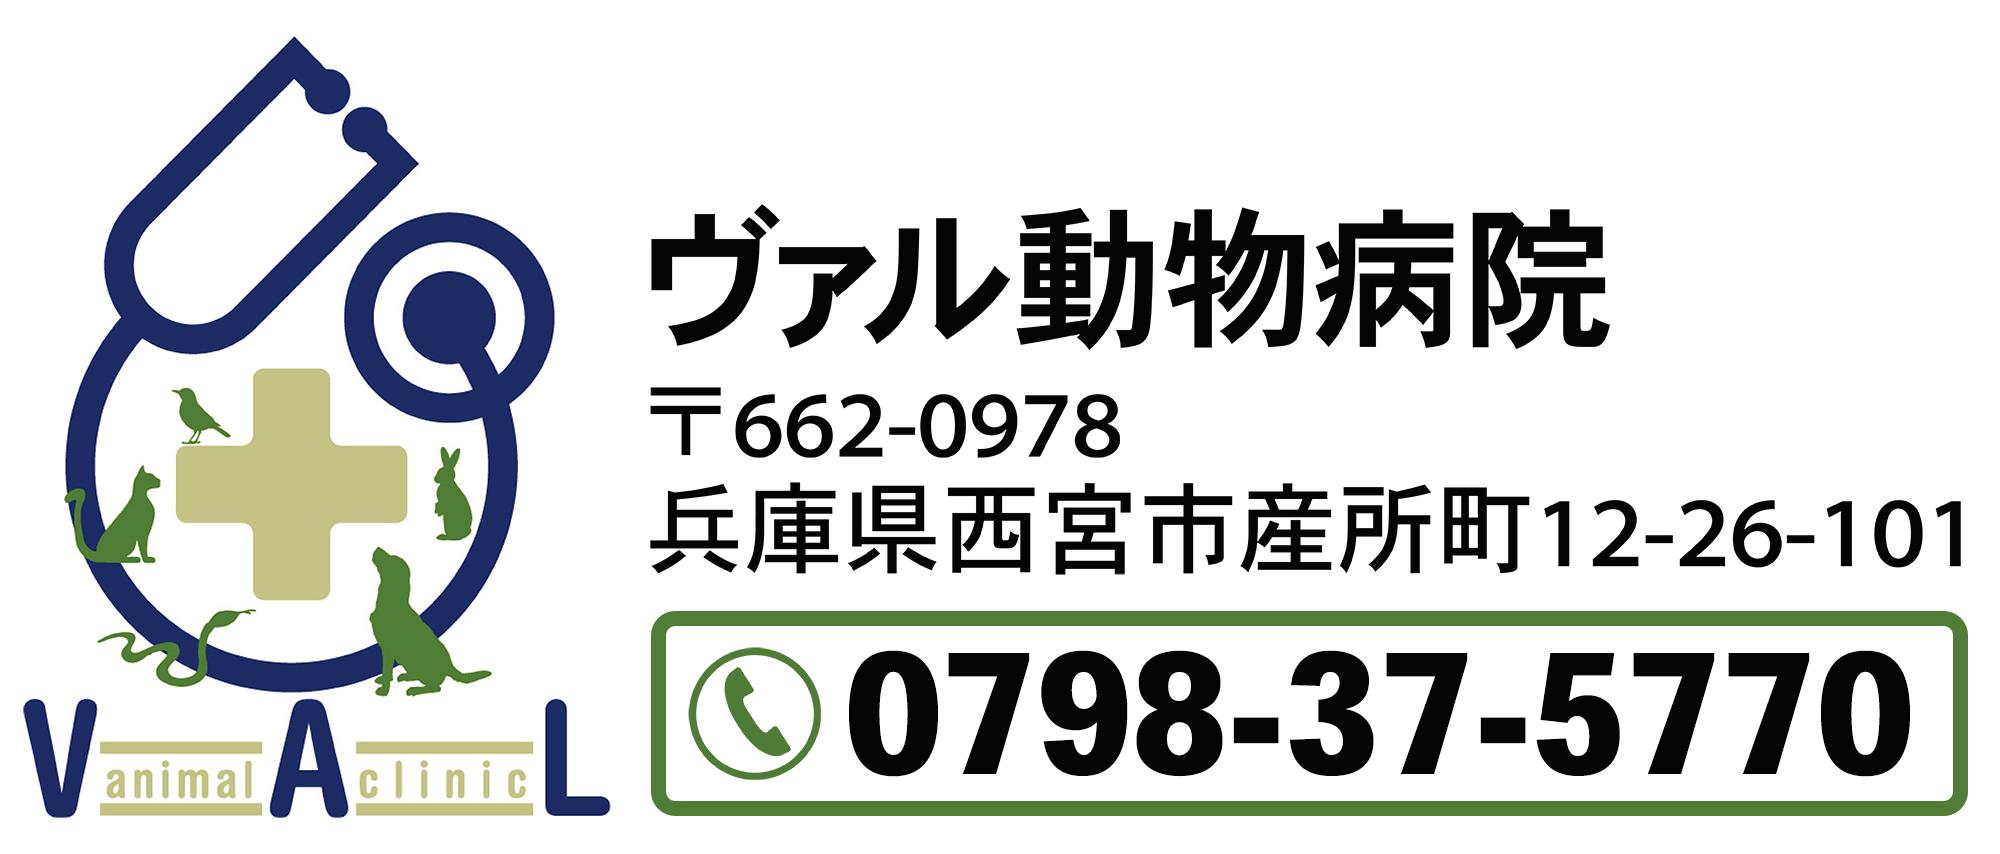 アイペット全国動物病院検索 - ipetclub.jp